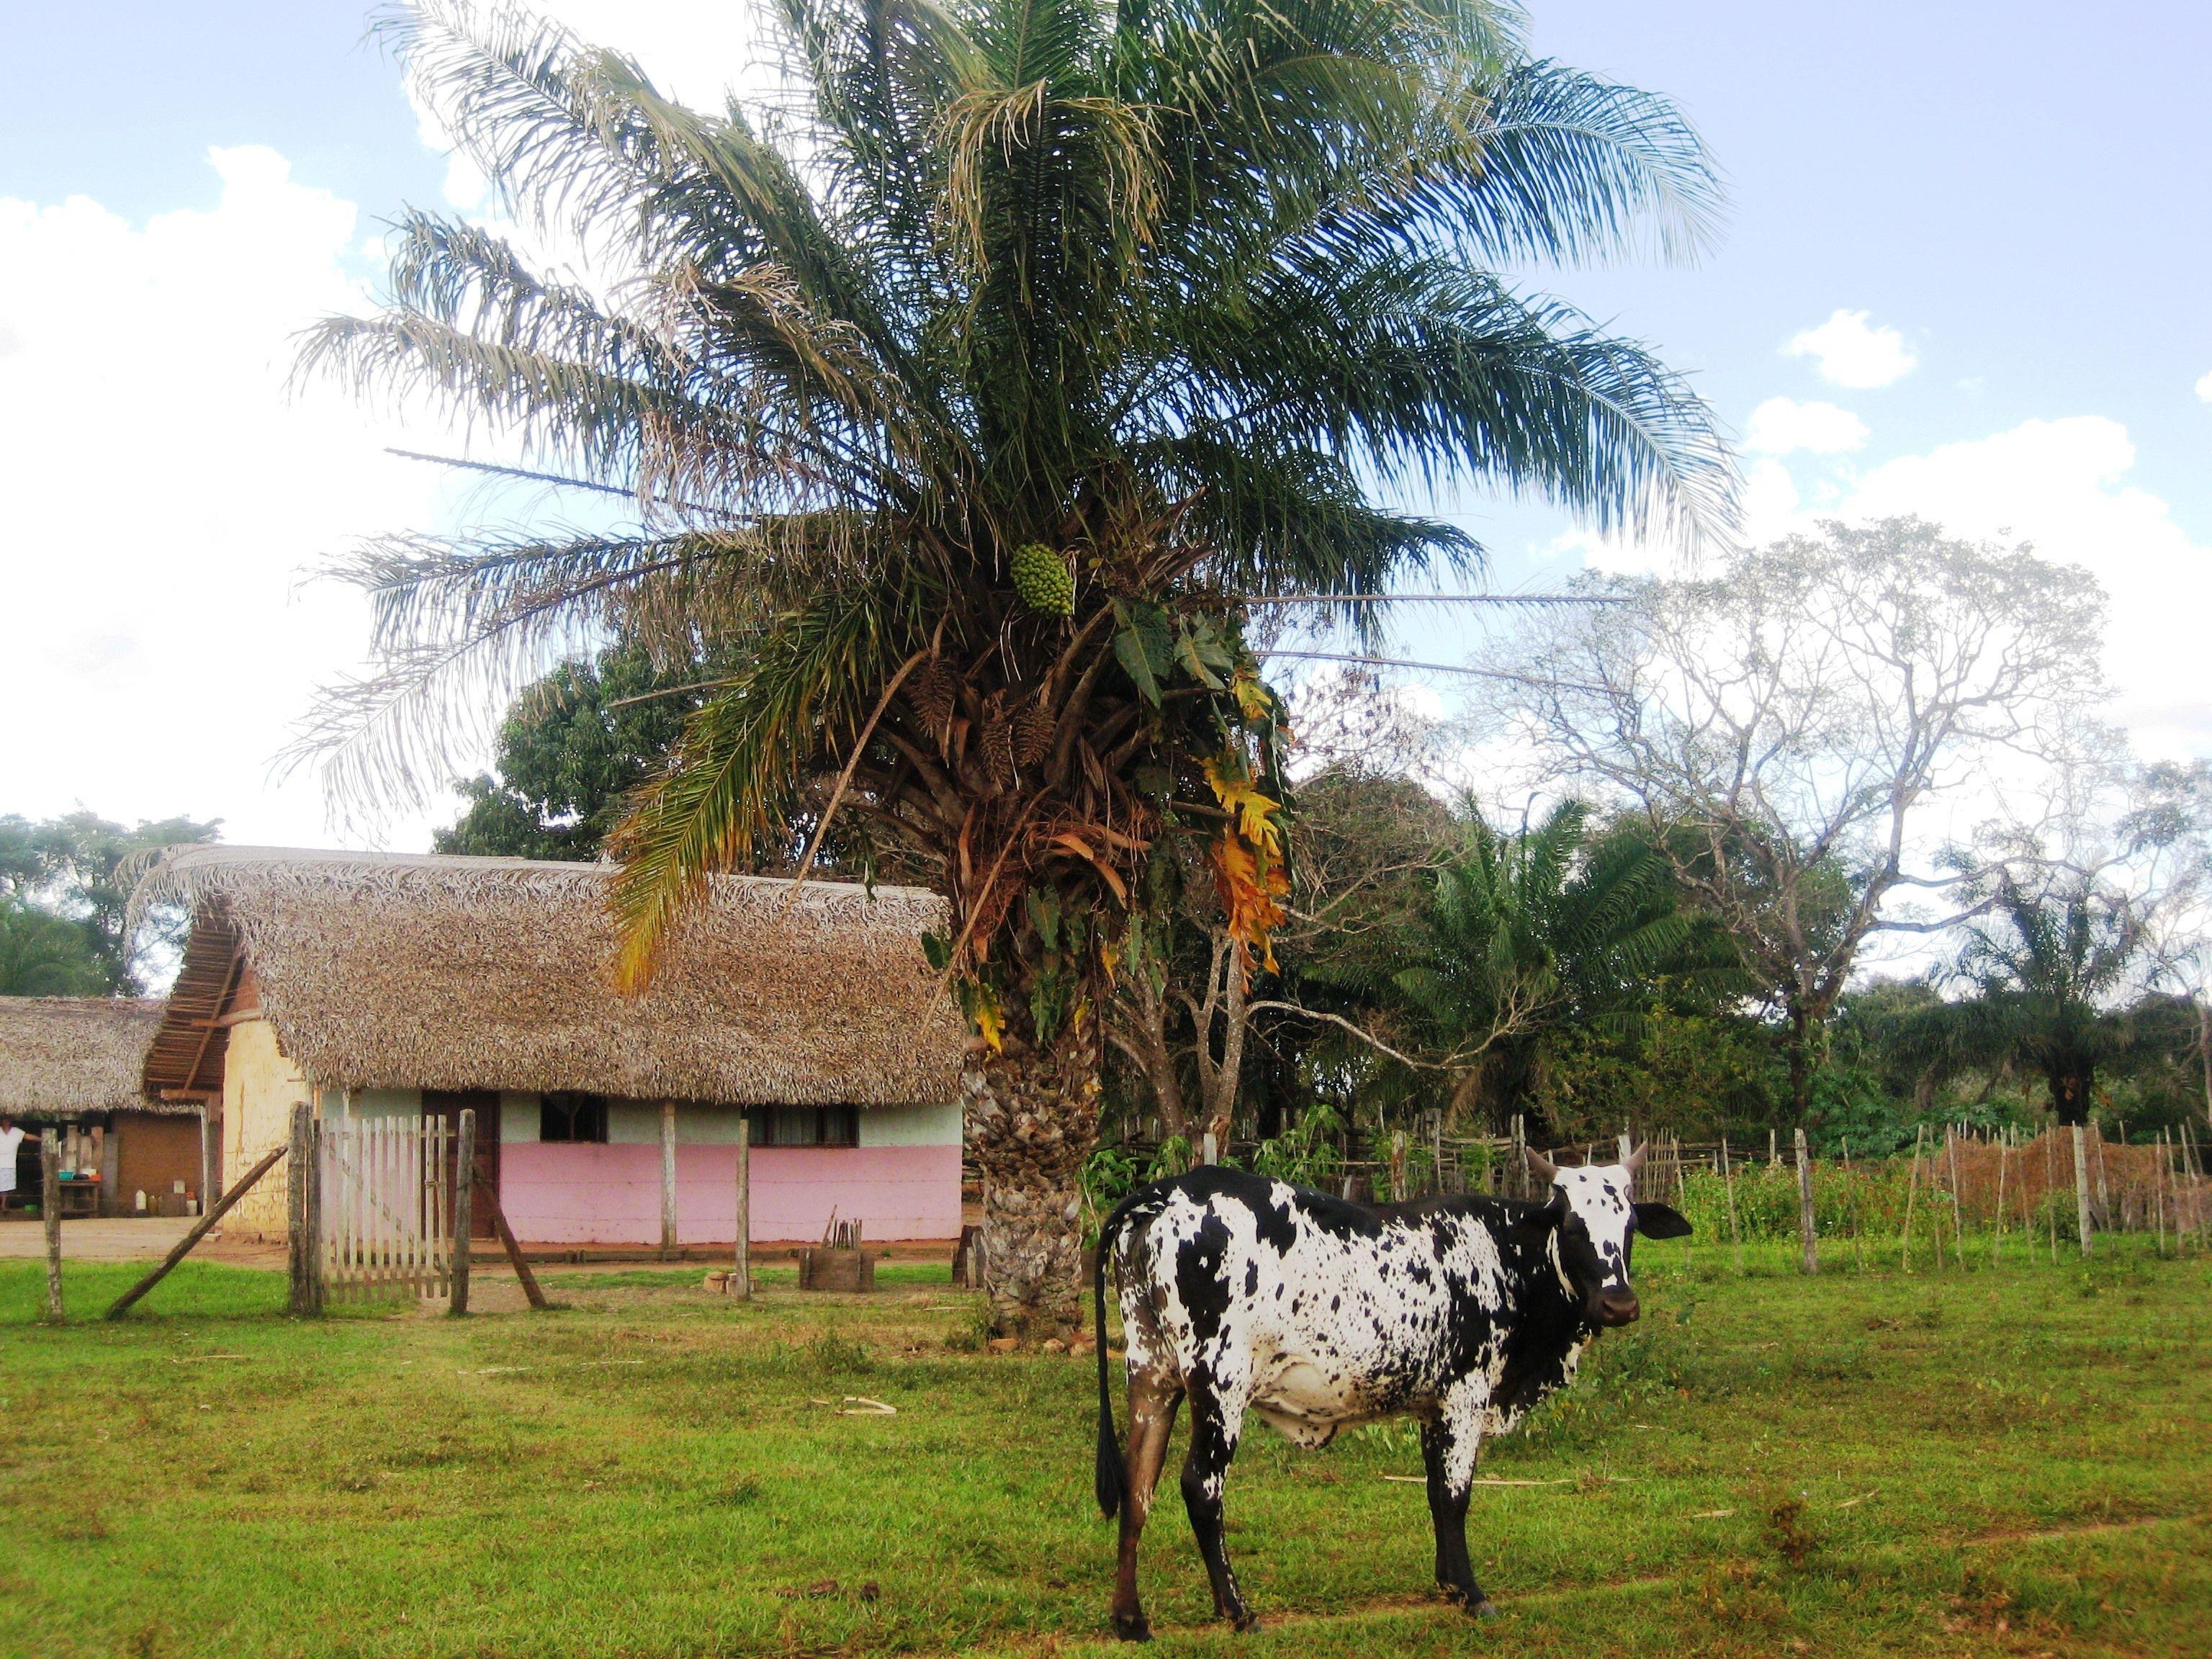 Casa de la palmera motac camino entre concepci n y san for Casa la mansion santa cruz bolivia